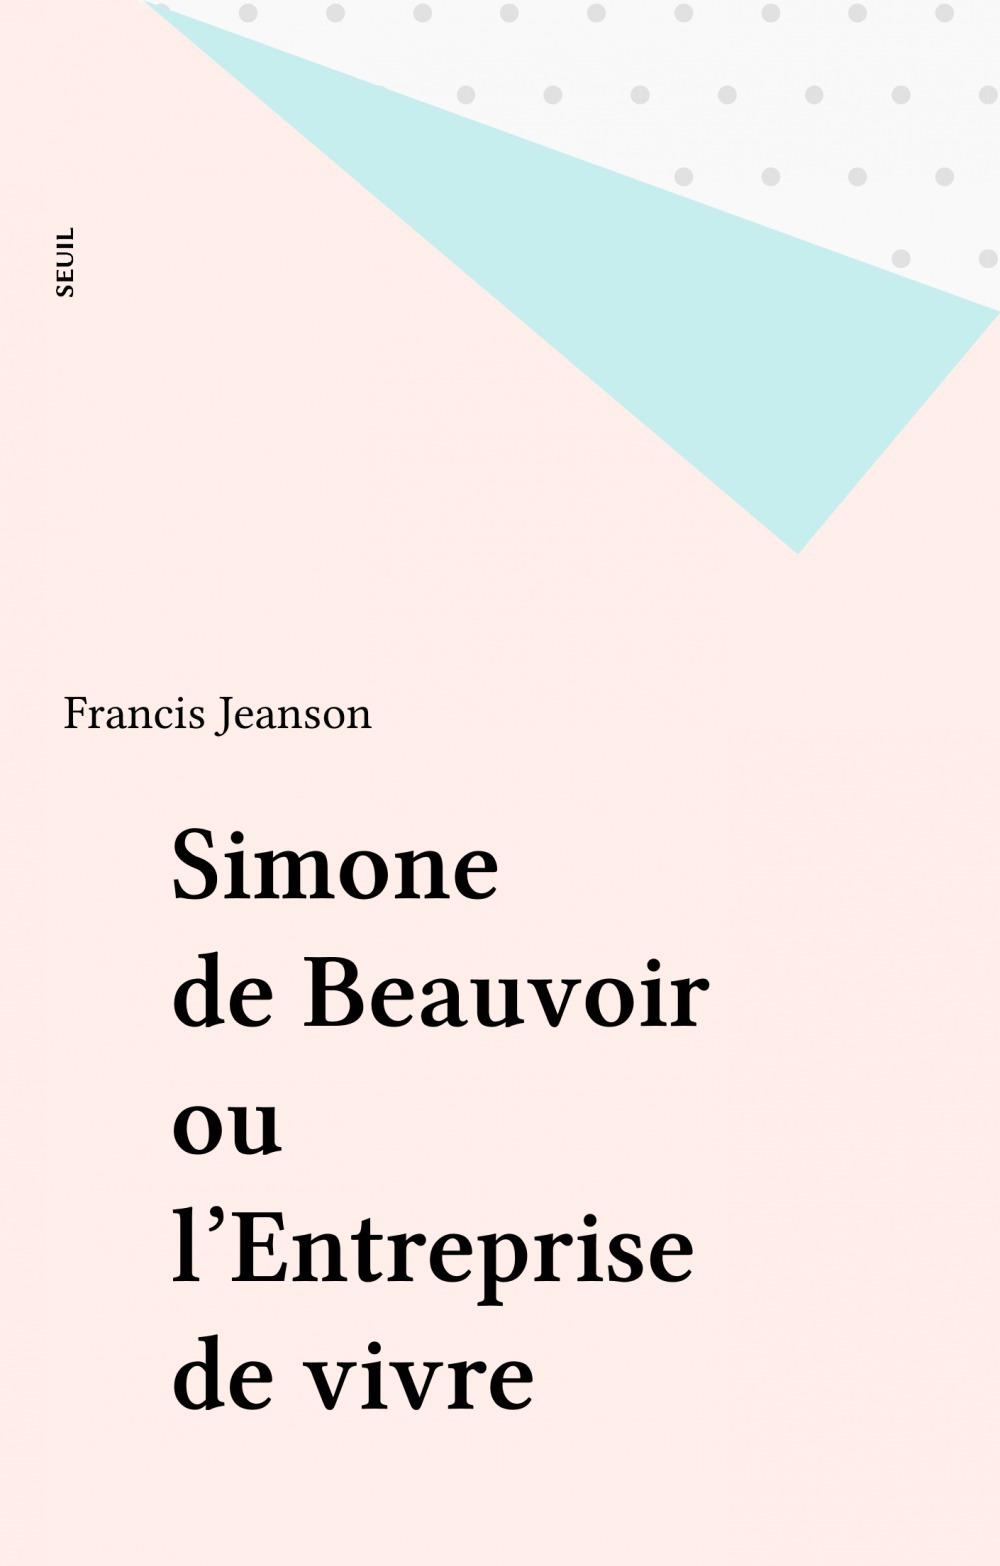 Simone de Beauvoir ou l'Entreprise de vivre